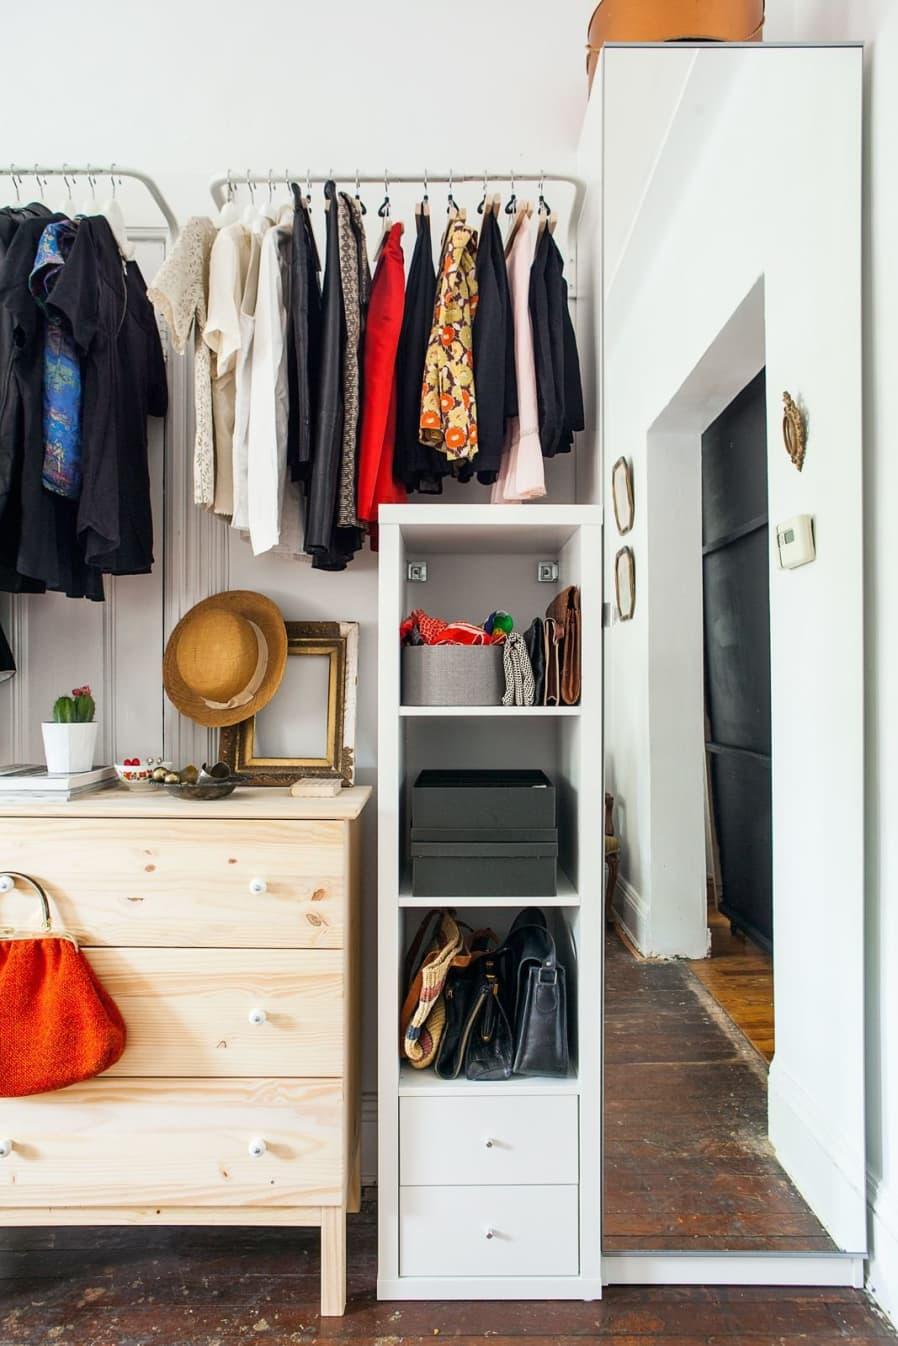 2. No Closet solution Idea by IKEA by simphome.com